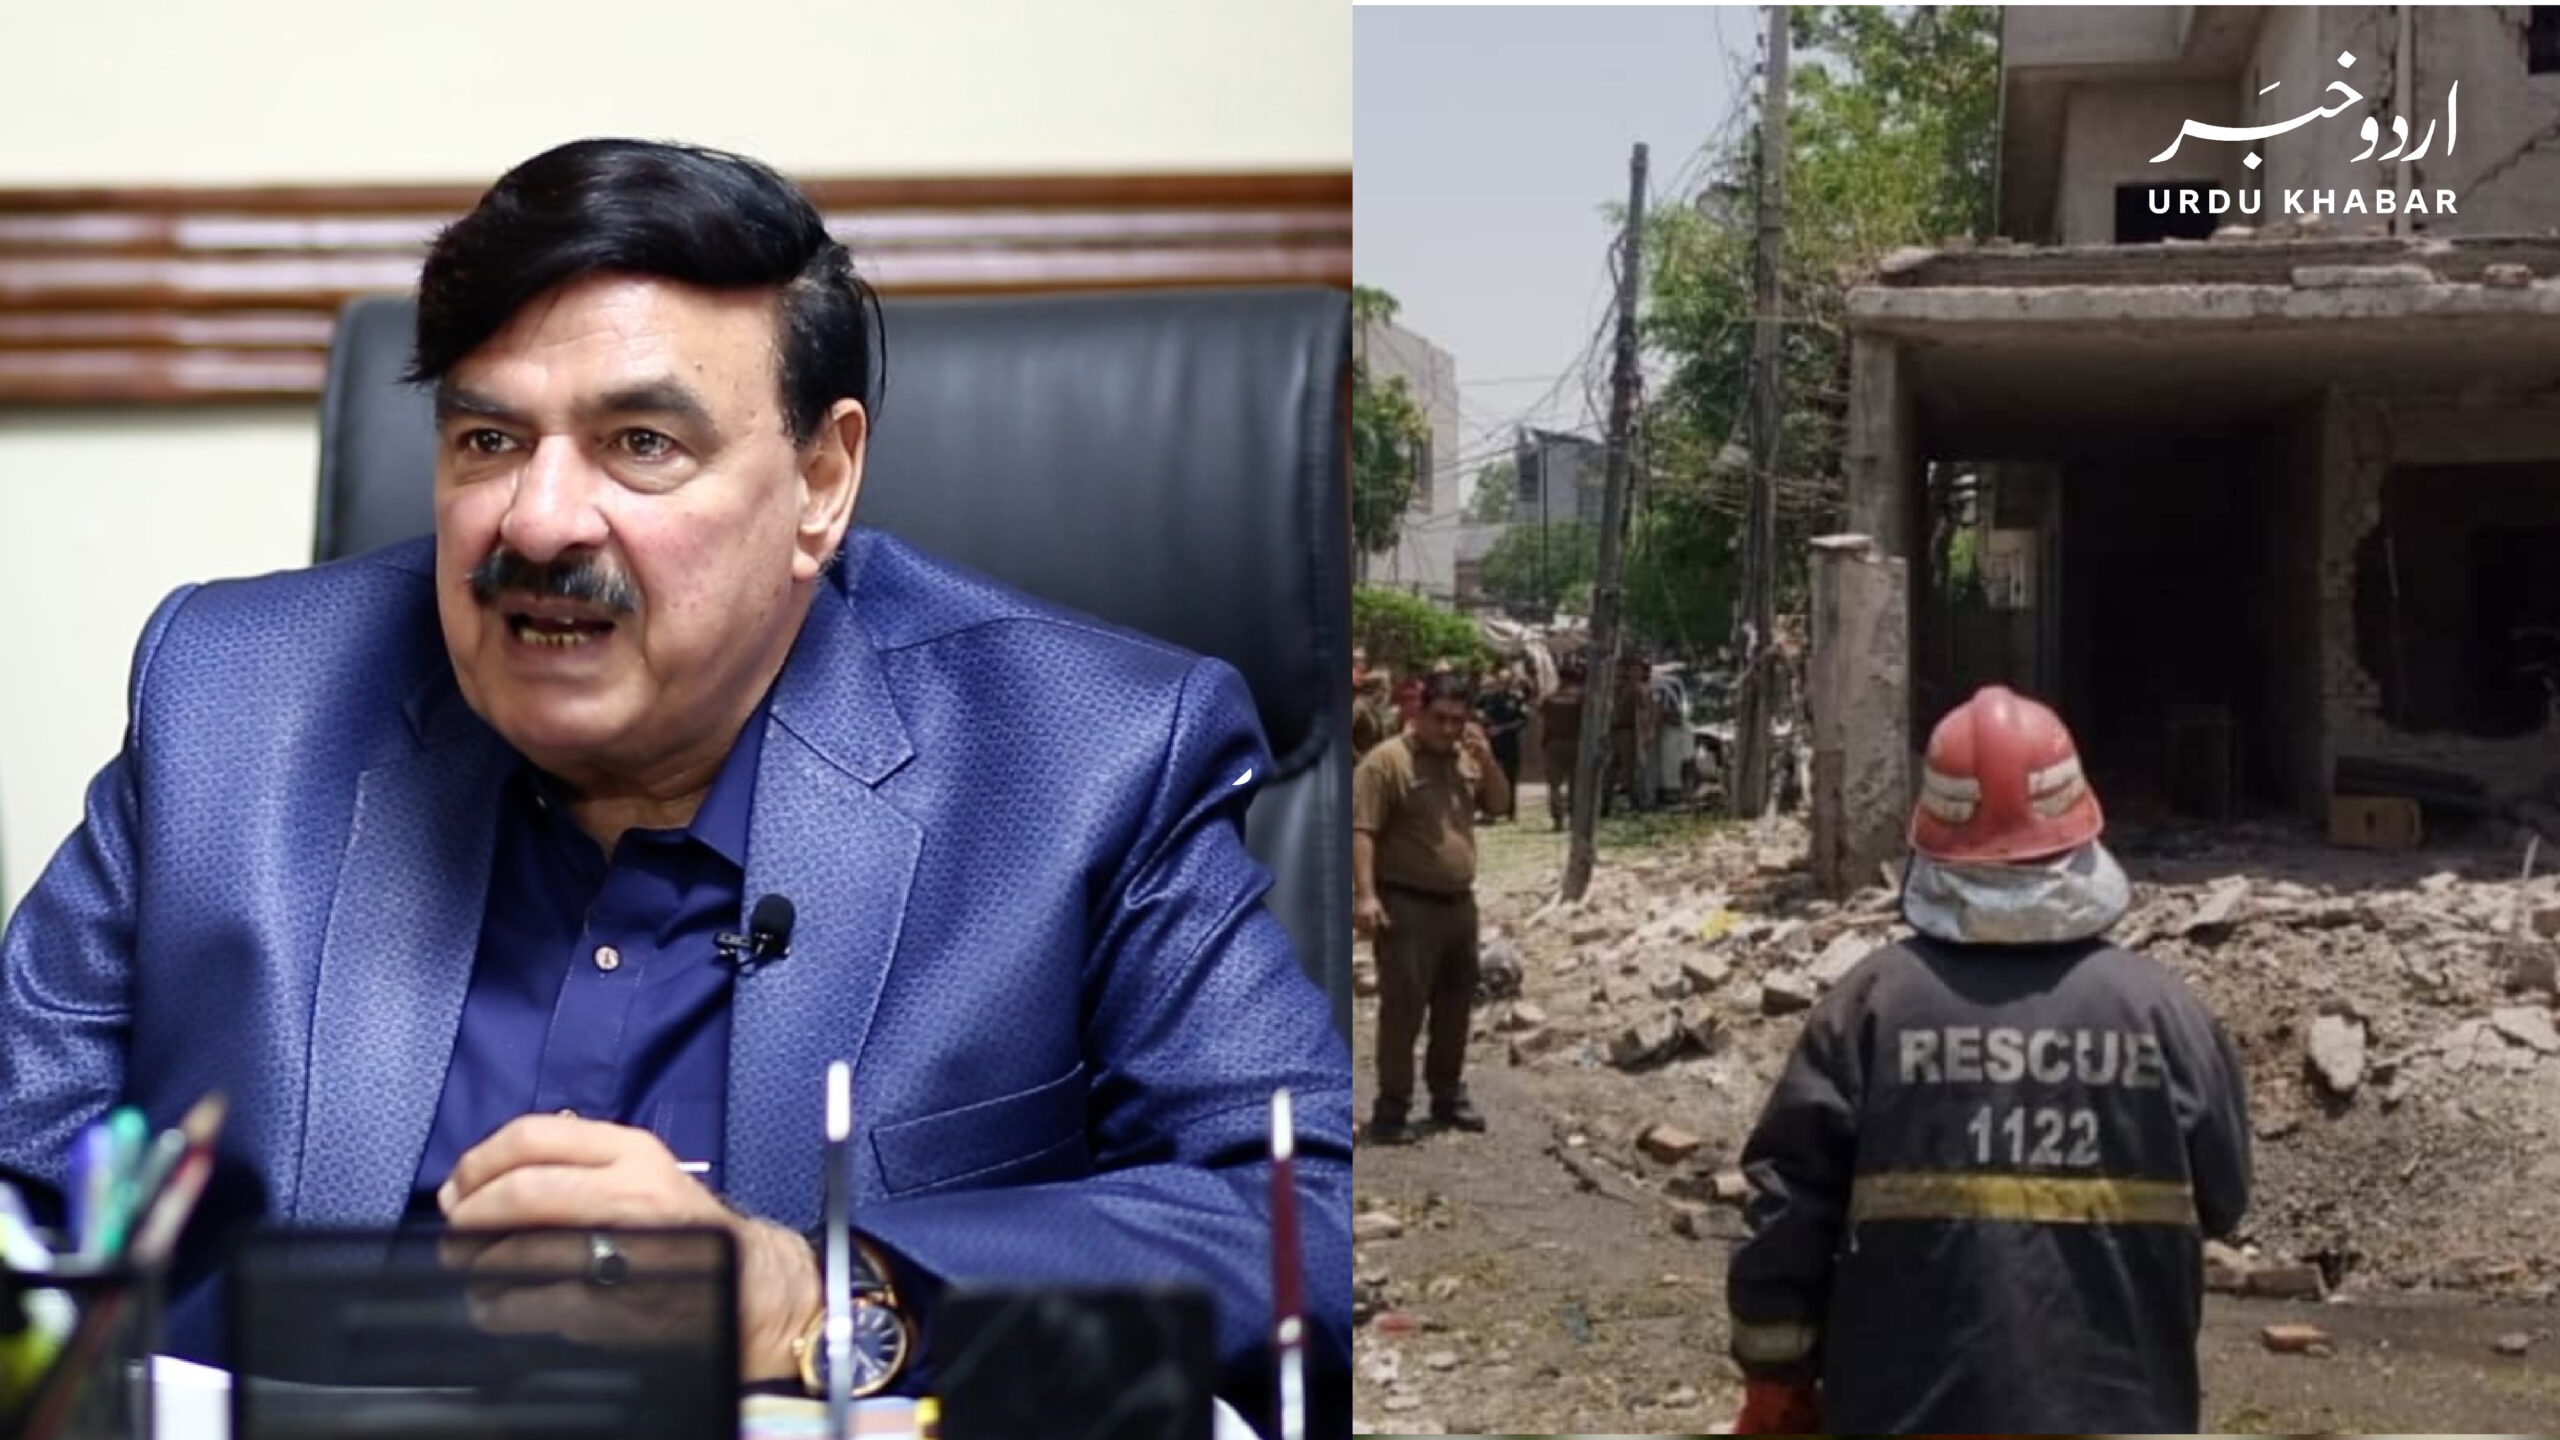 پنجاب پولیس جلد لاہور دھماکہ کے ملزمان کو گرفتار کرلے گی، شیخ رشید